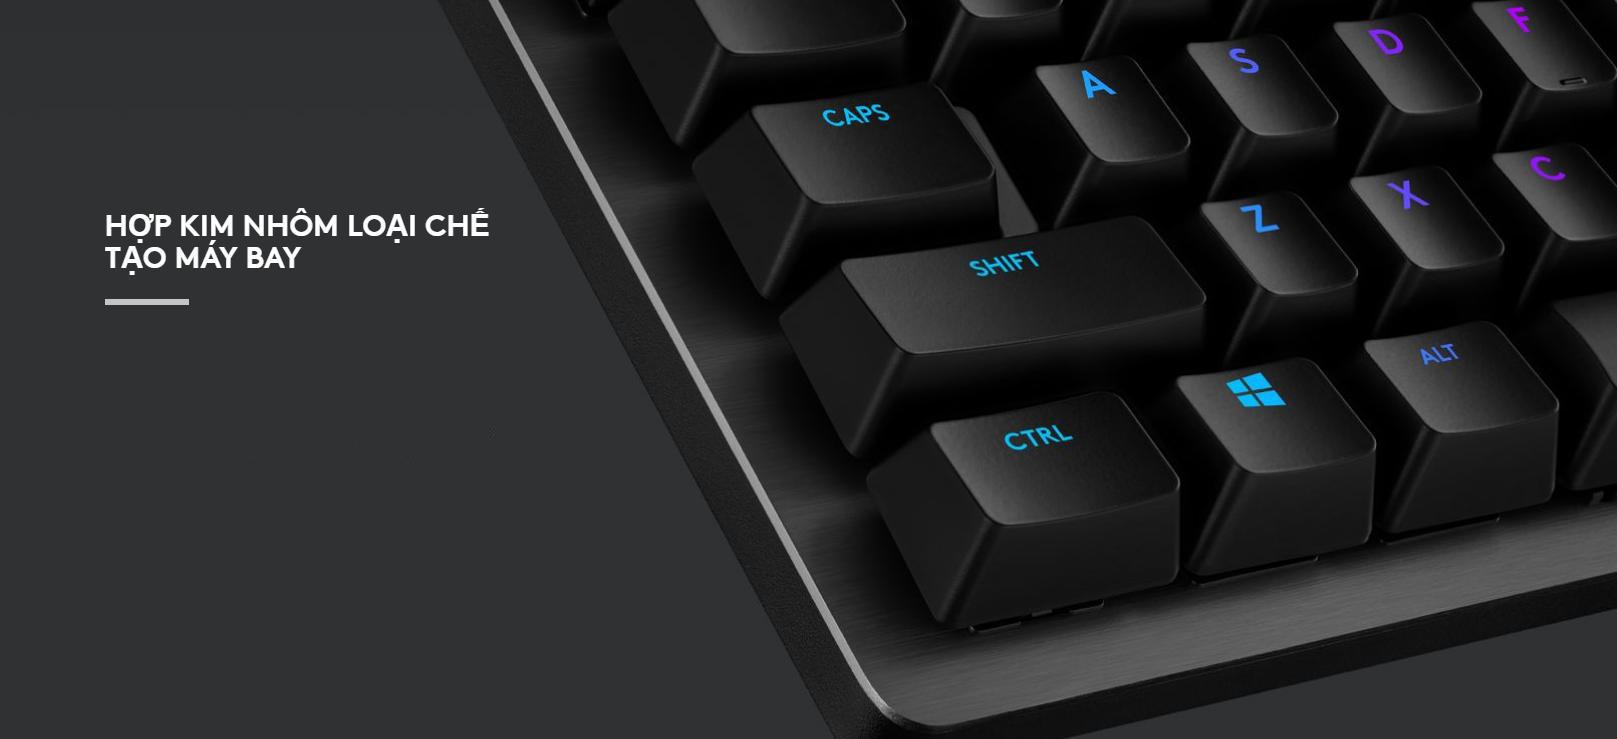 Bàn phím cơ Logitech G512 Lightsync RGB GX Blue Clicky switch được cấu tạo từ vật liệu cao cấp